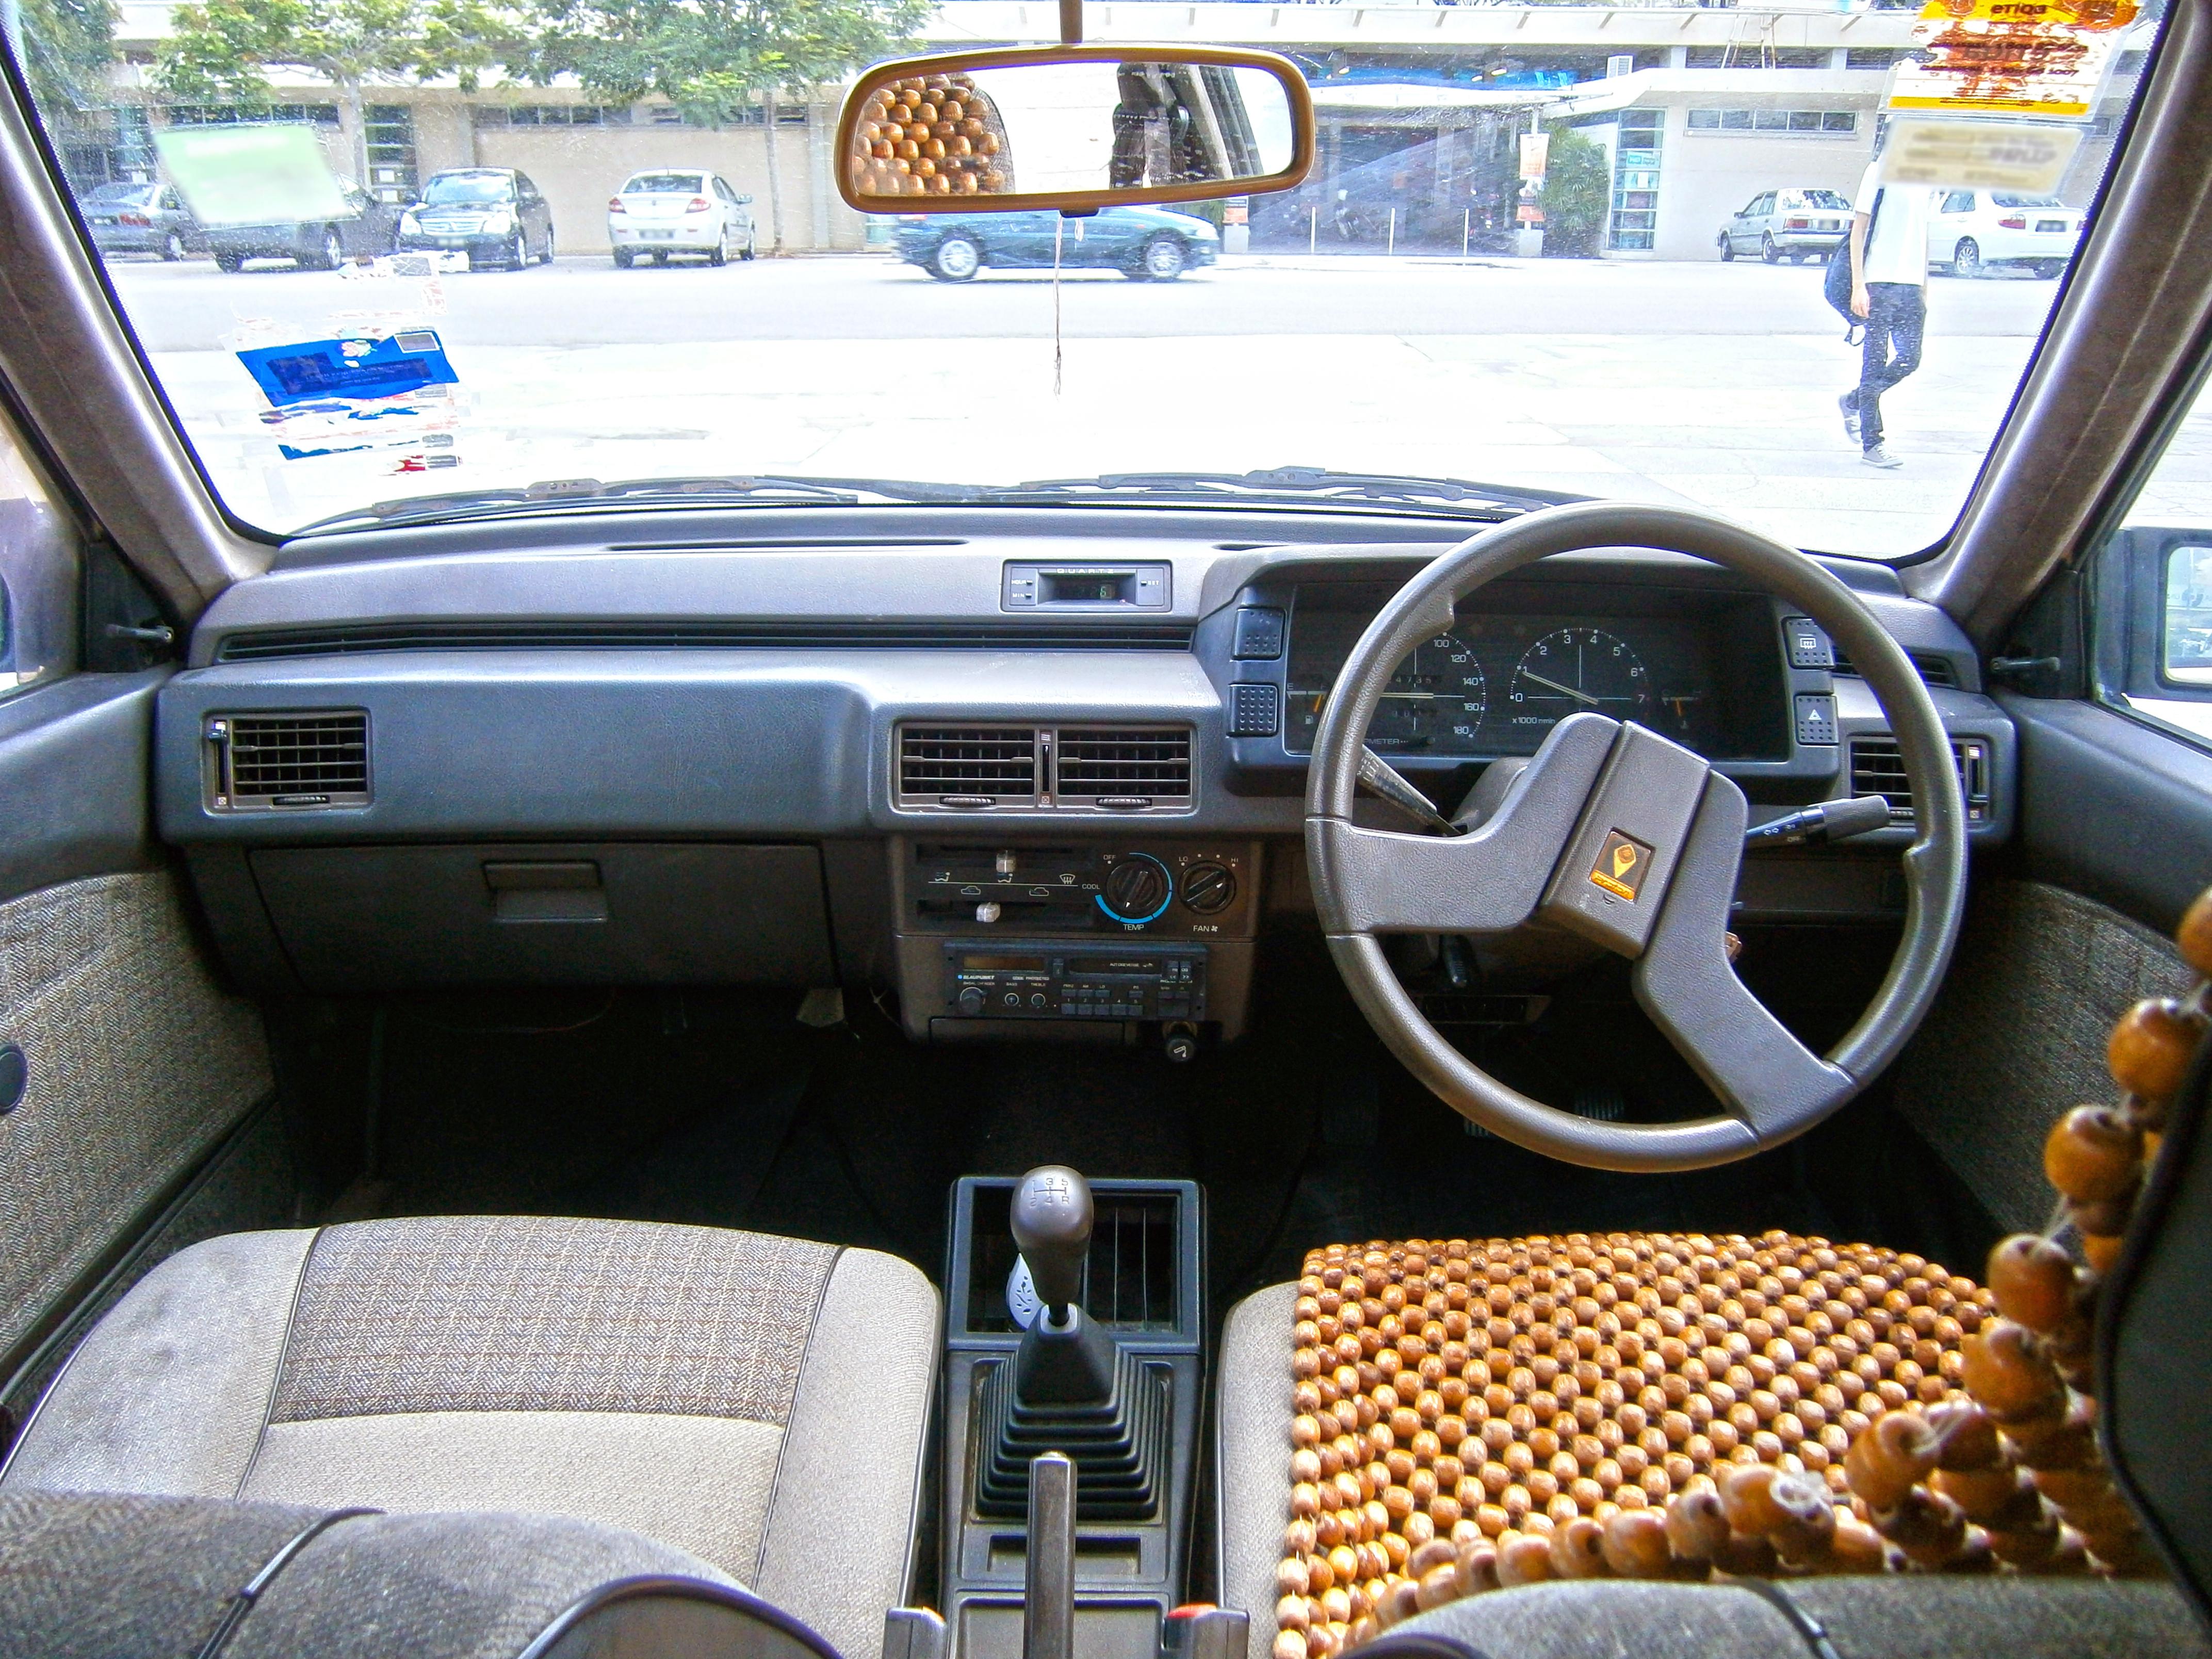 Car interior malaysia - File 1990 1992 Proton Saga 1 5l Saloon In Cyberjaya Malaysia 09